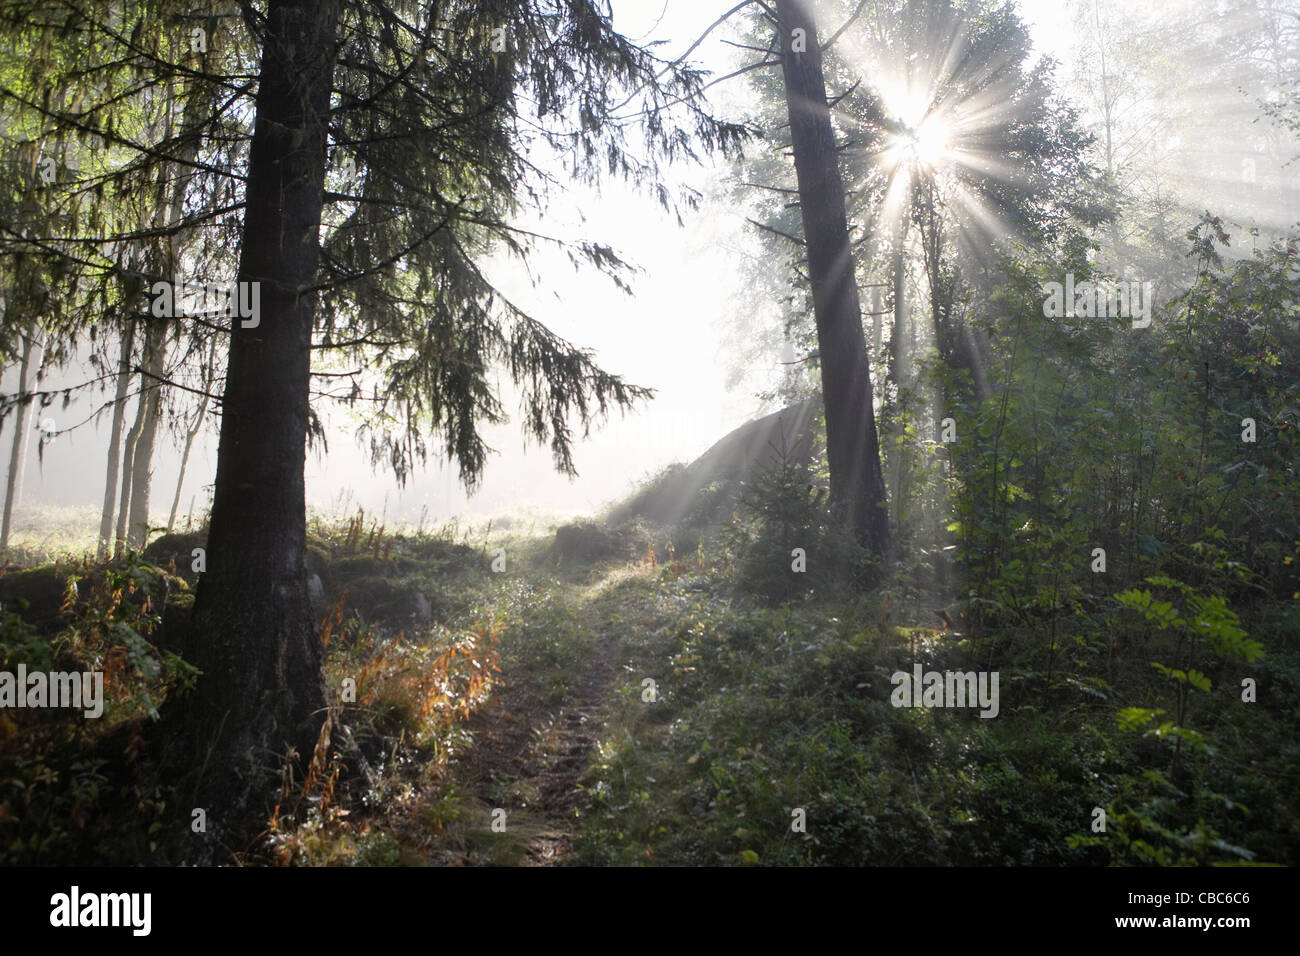 La luce del sole che splende attraverso la foresta Immagini Stock